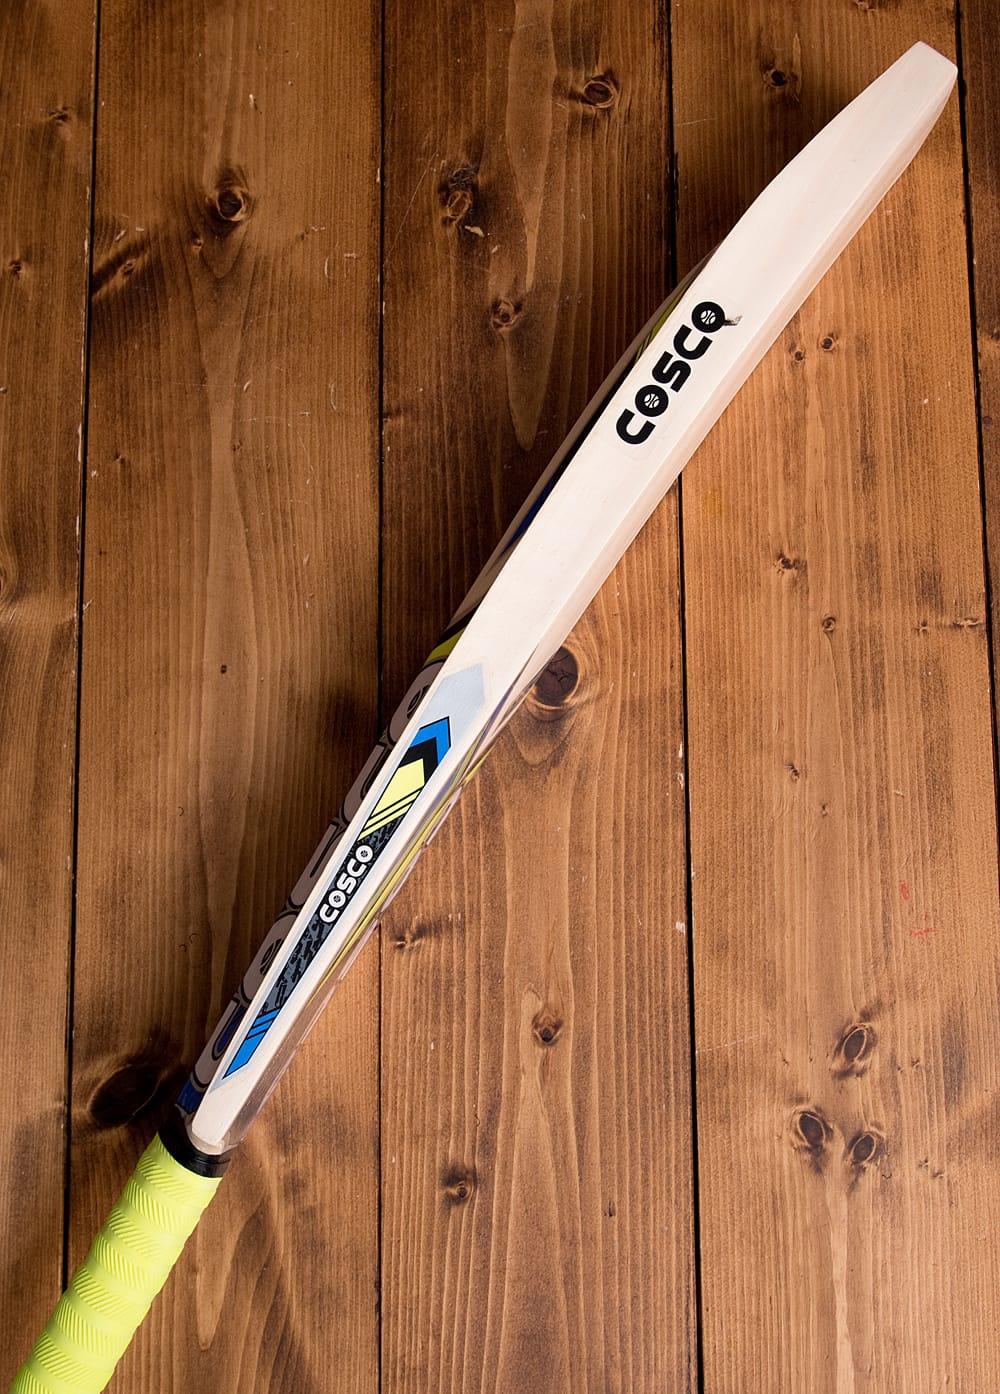 クリケットバット - COSCO STRIKER 8 - 日本ではあまり知られていないスポーツですが、インドでは野球の起源となったこのスポーツがとても人気です。